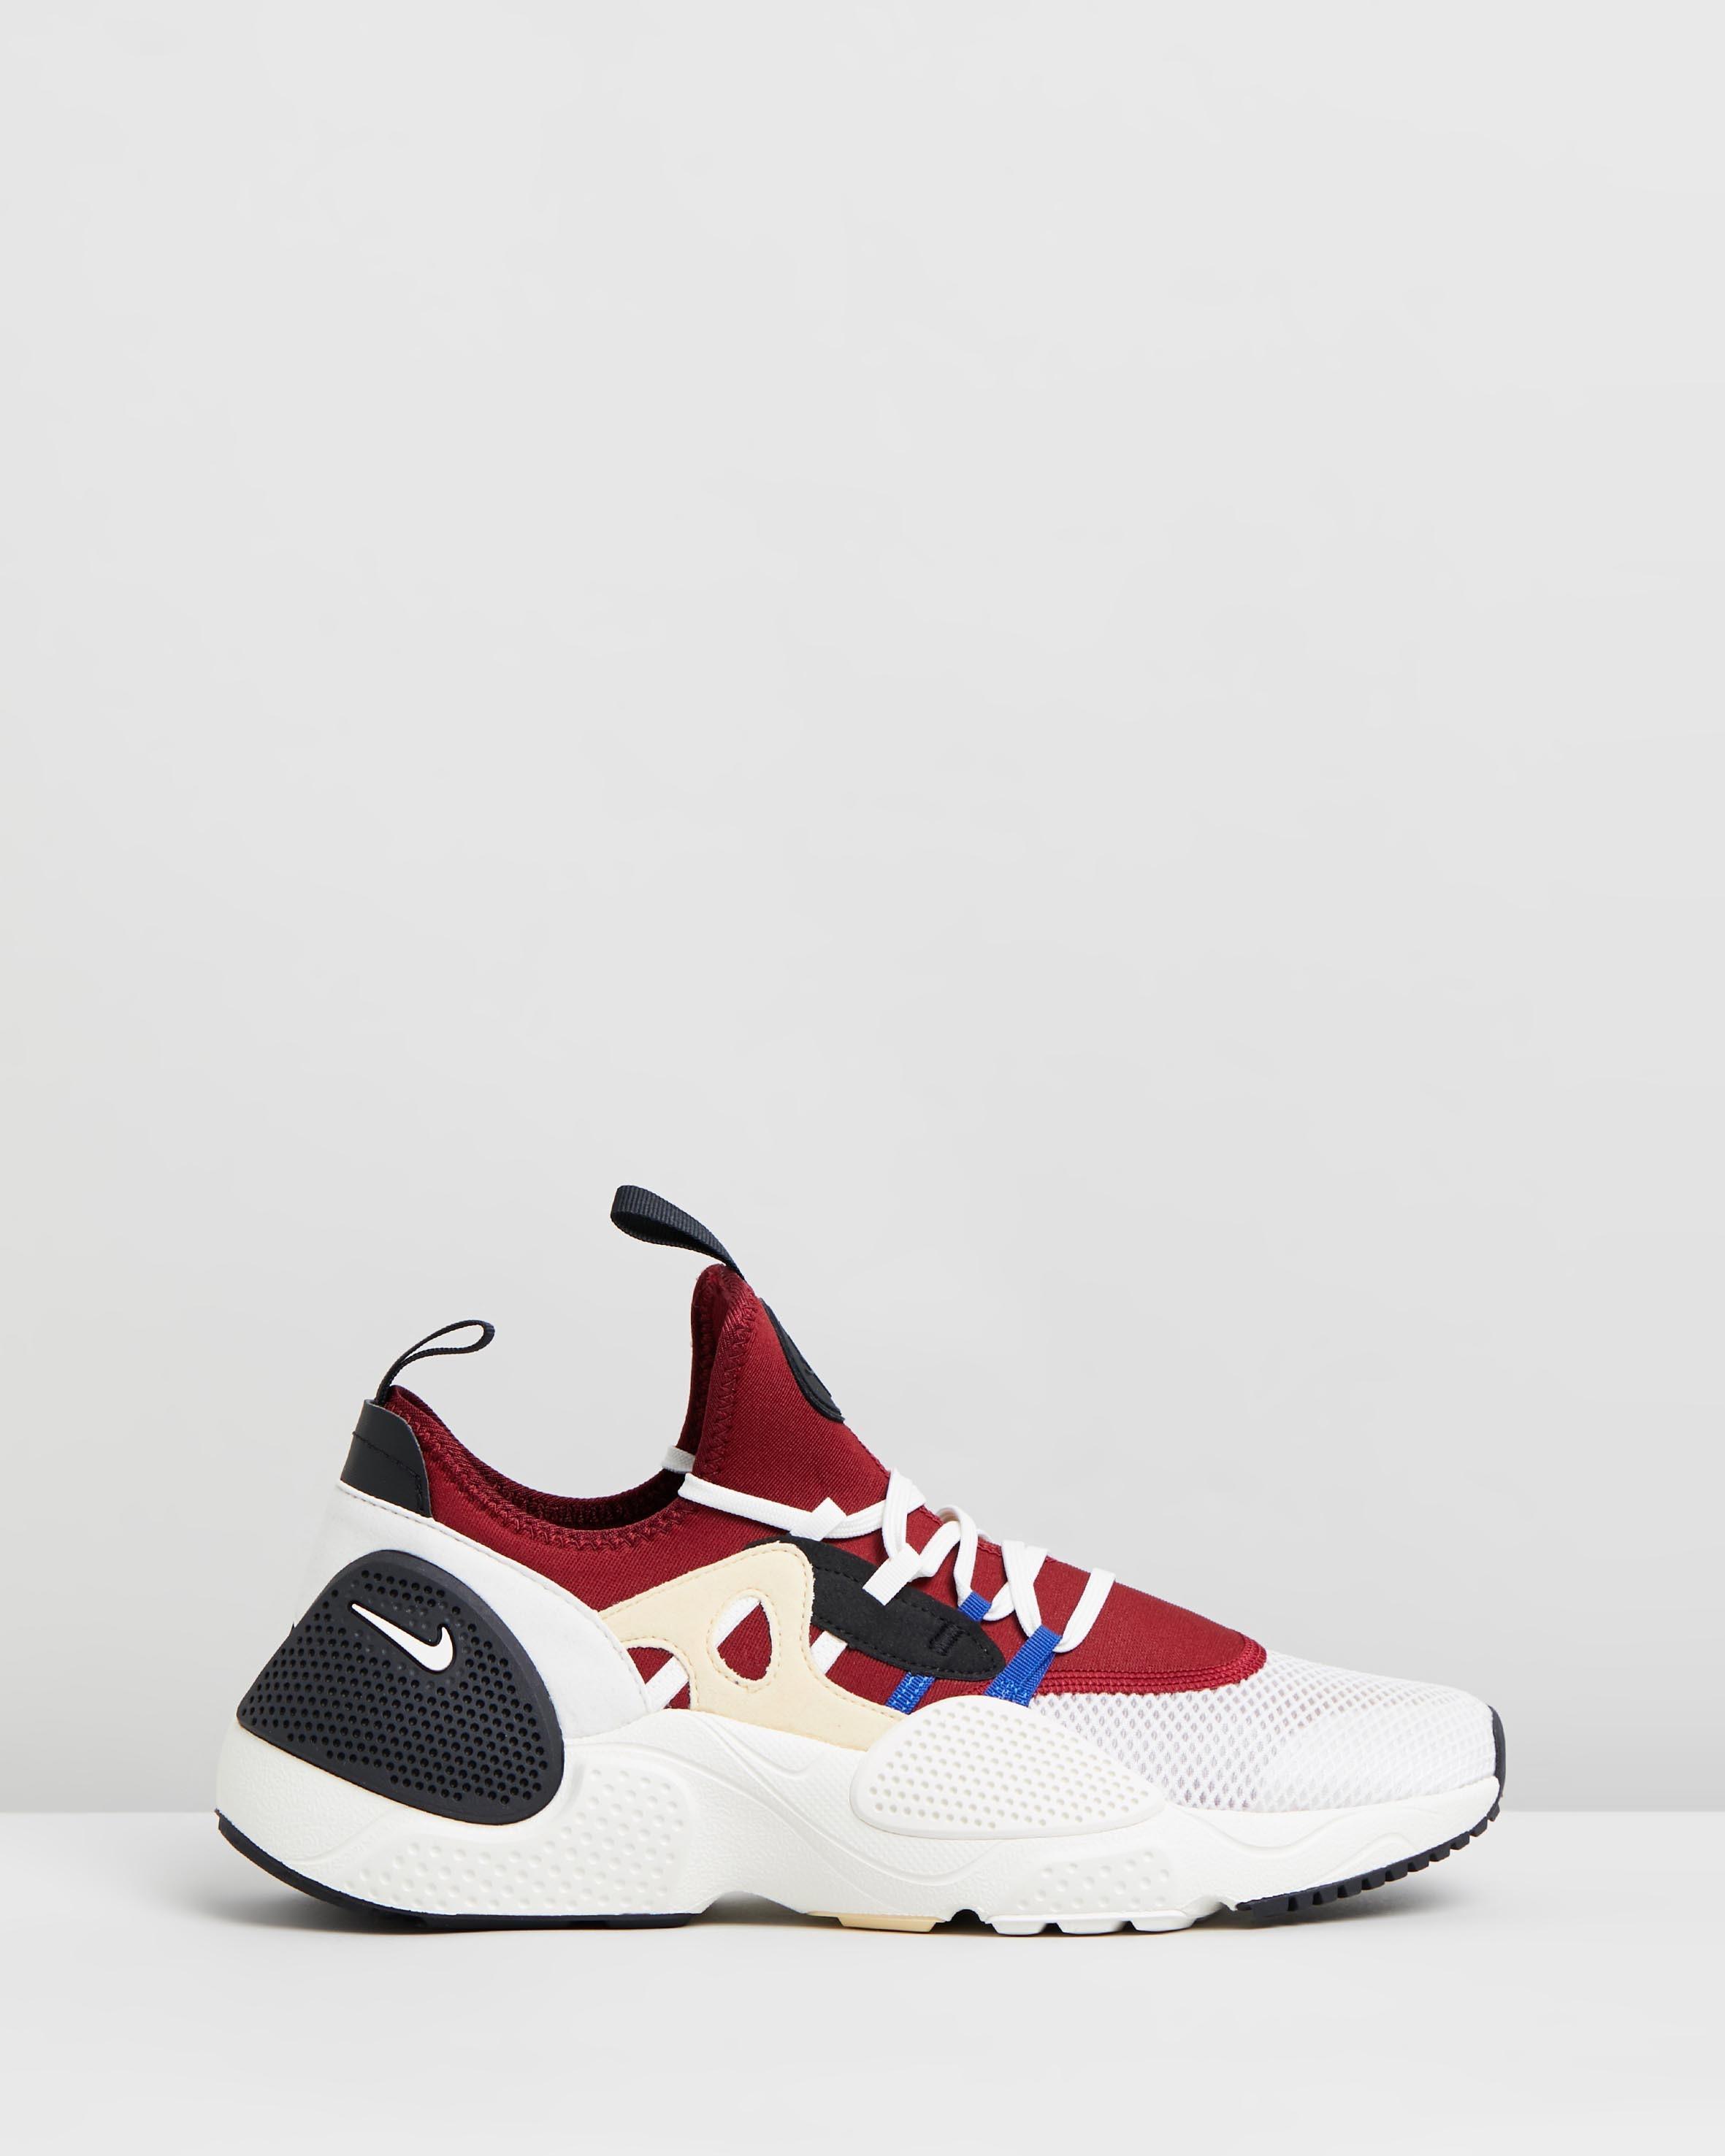 Huarache E.D.G.E. TXT Men's Shoe | Huaraches, Nike huarache